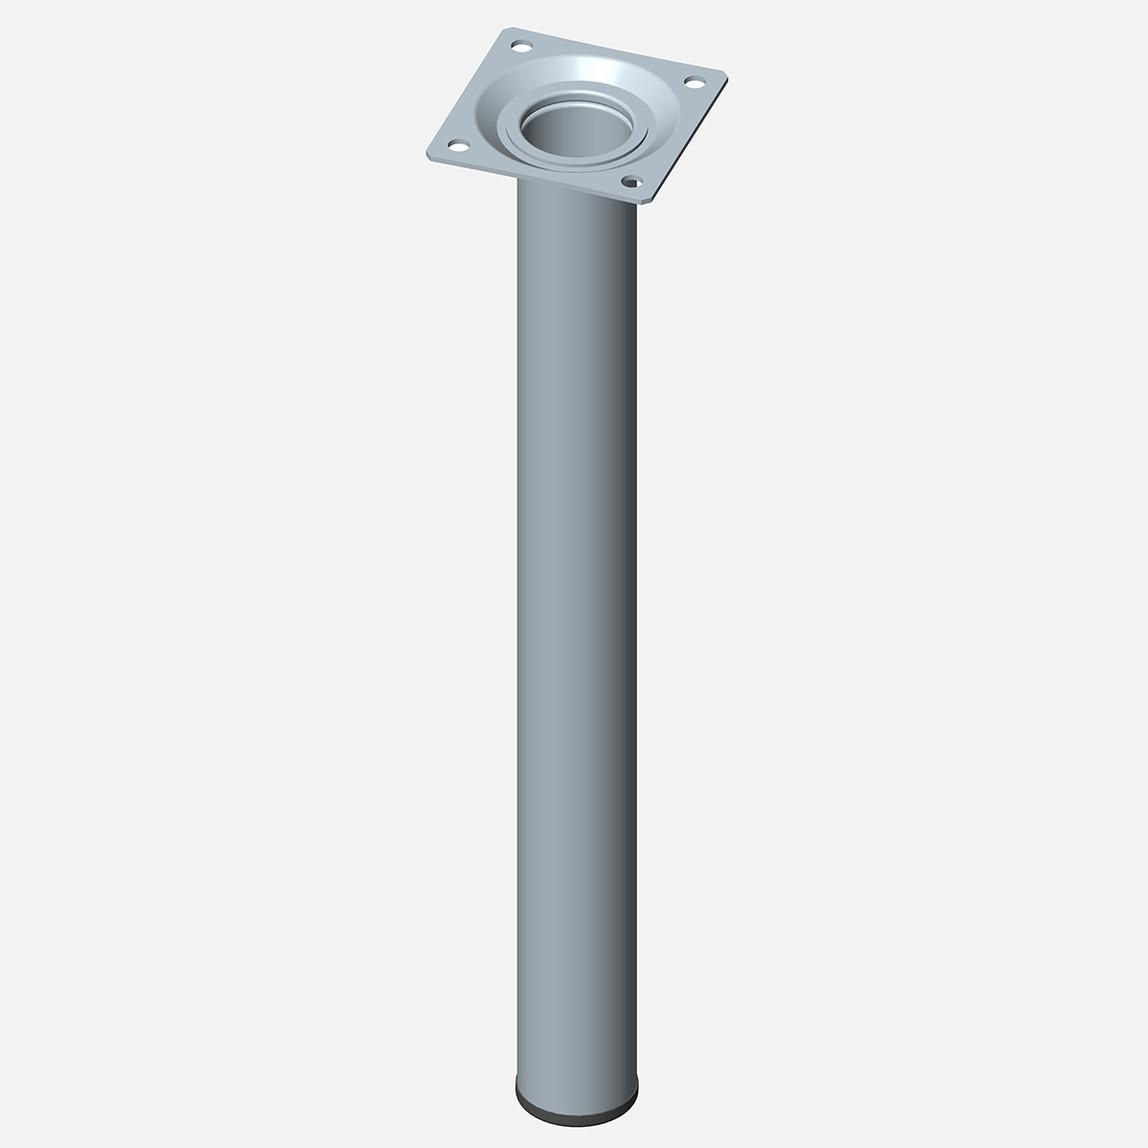 Masa Ayağı, Çelik boru yuvarlak, 300mm, paslanmaz Çelik renginde